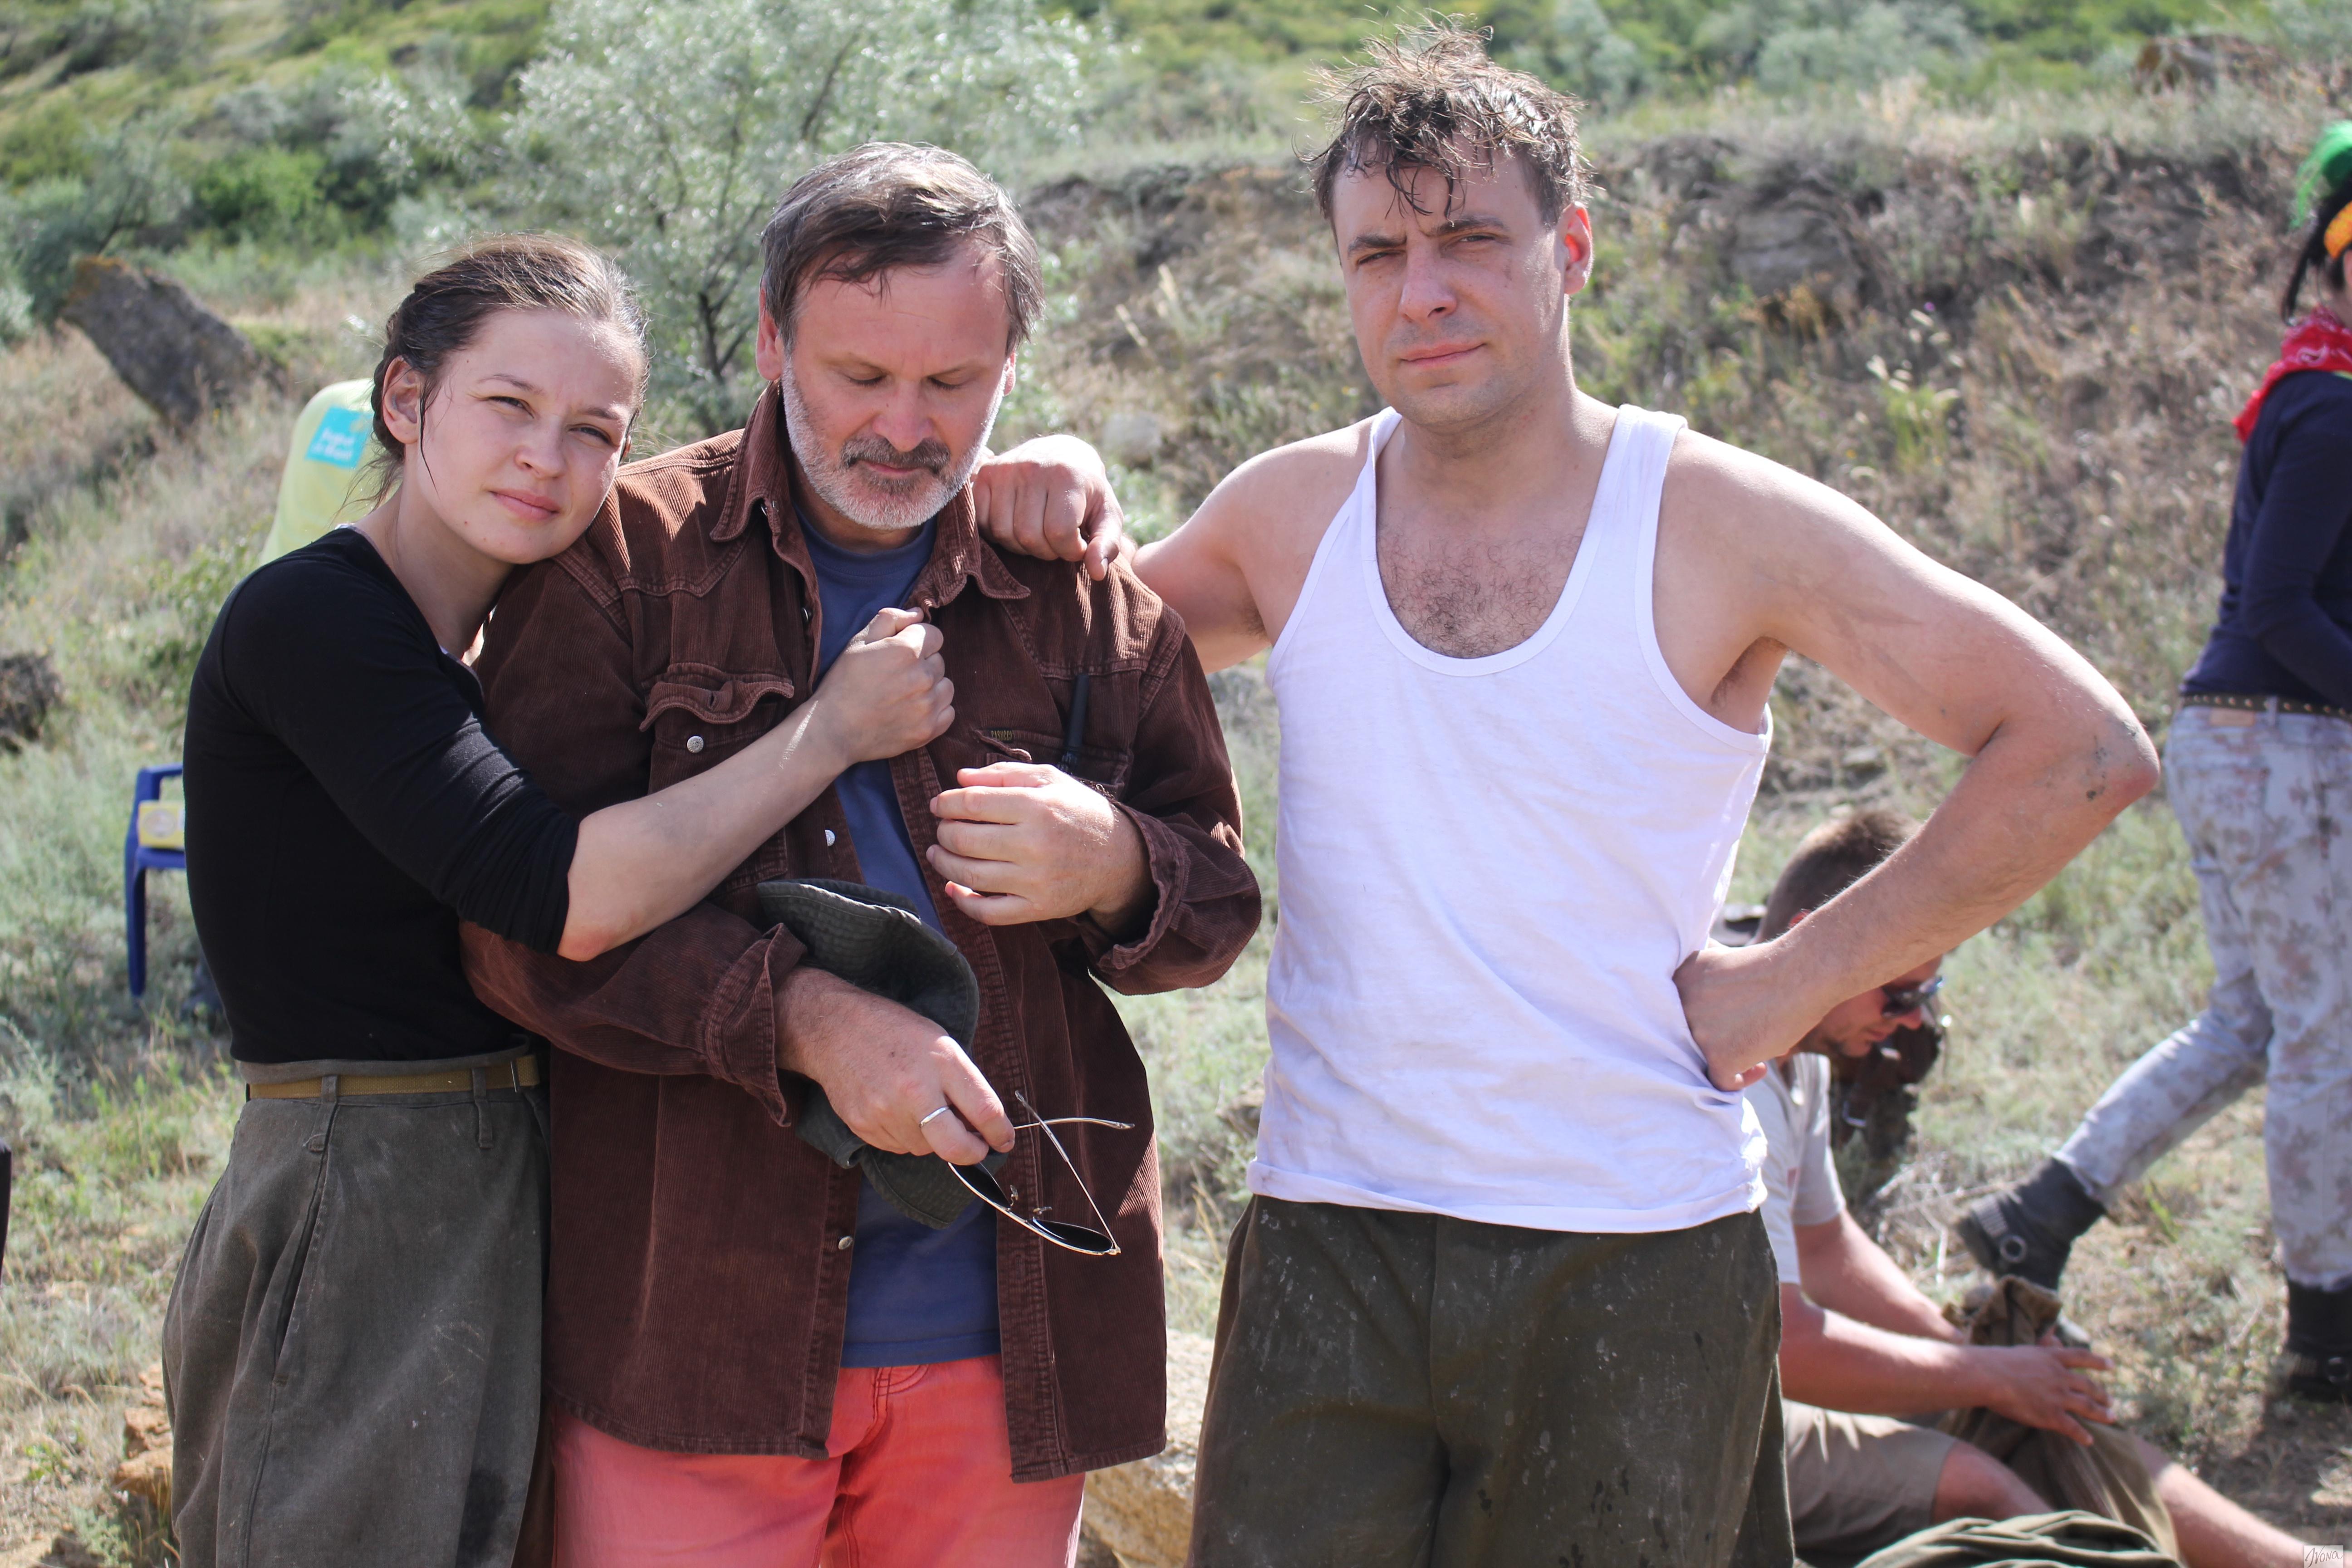 Евгений Цыганов (справа) и Юлия Пересильд во время съемок фильма Битва за Севастополь